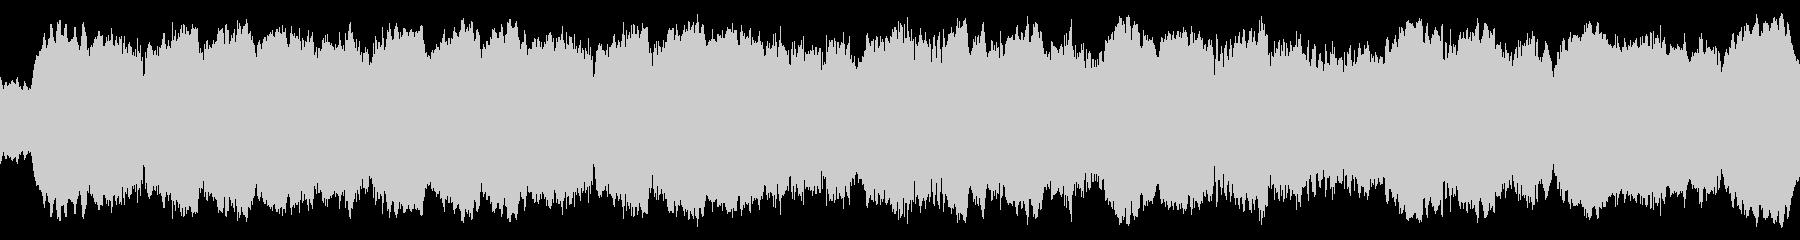 シーン・ロボット情熱・ループ弦楽器の未再生の波形